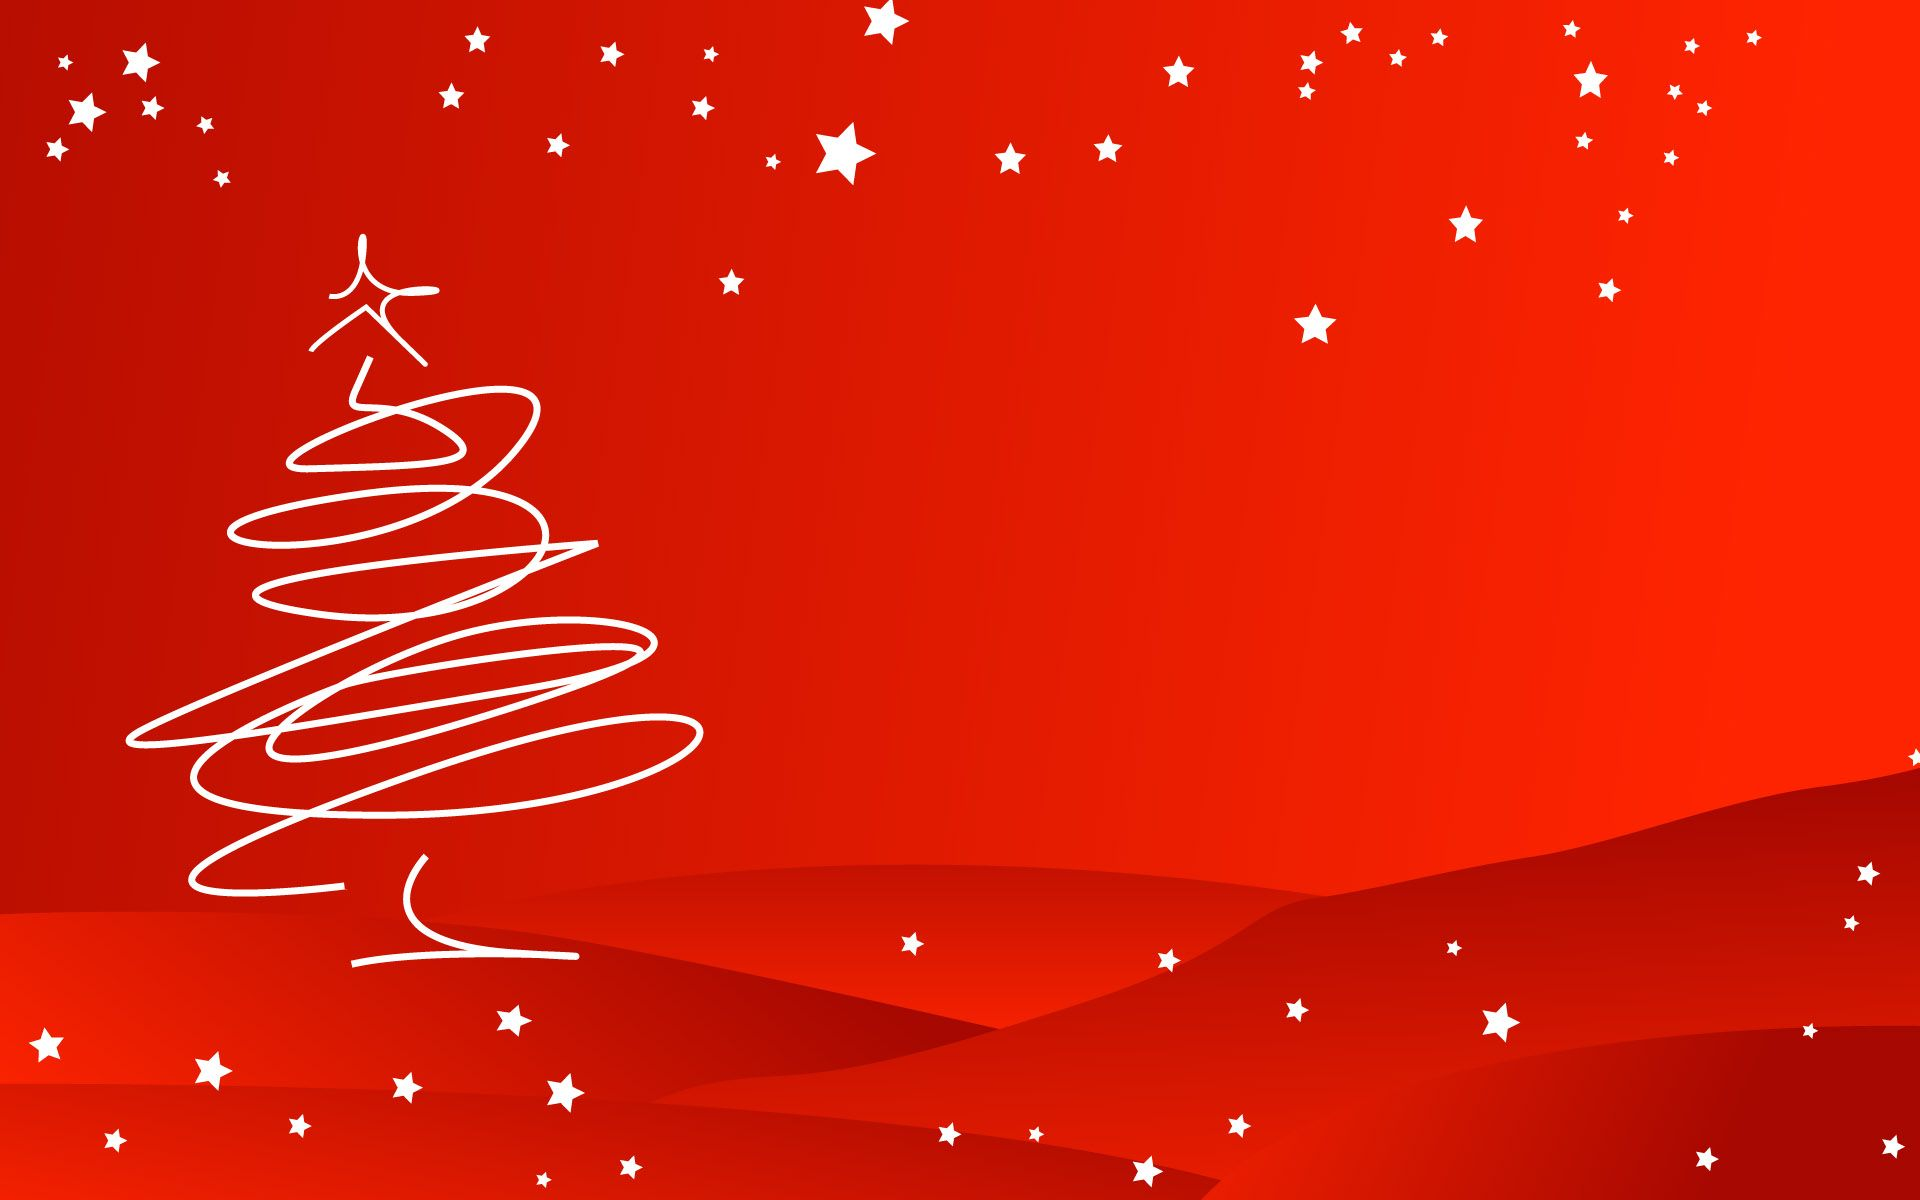 Fondo rojo con arbol de navidad hd 1920x1200 imagenes - Diseno de arboles de navidad ...